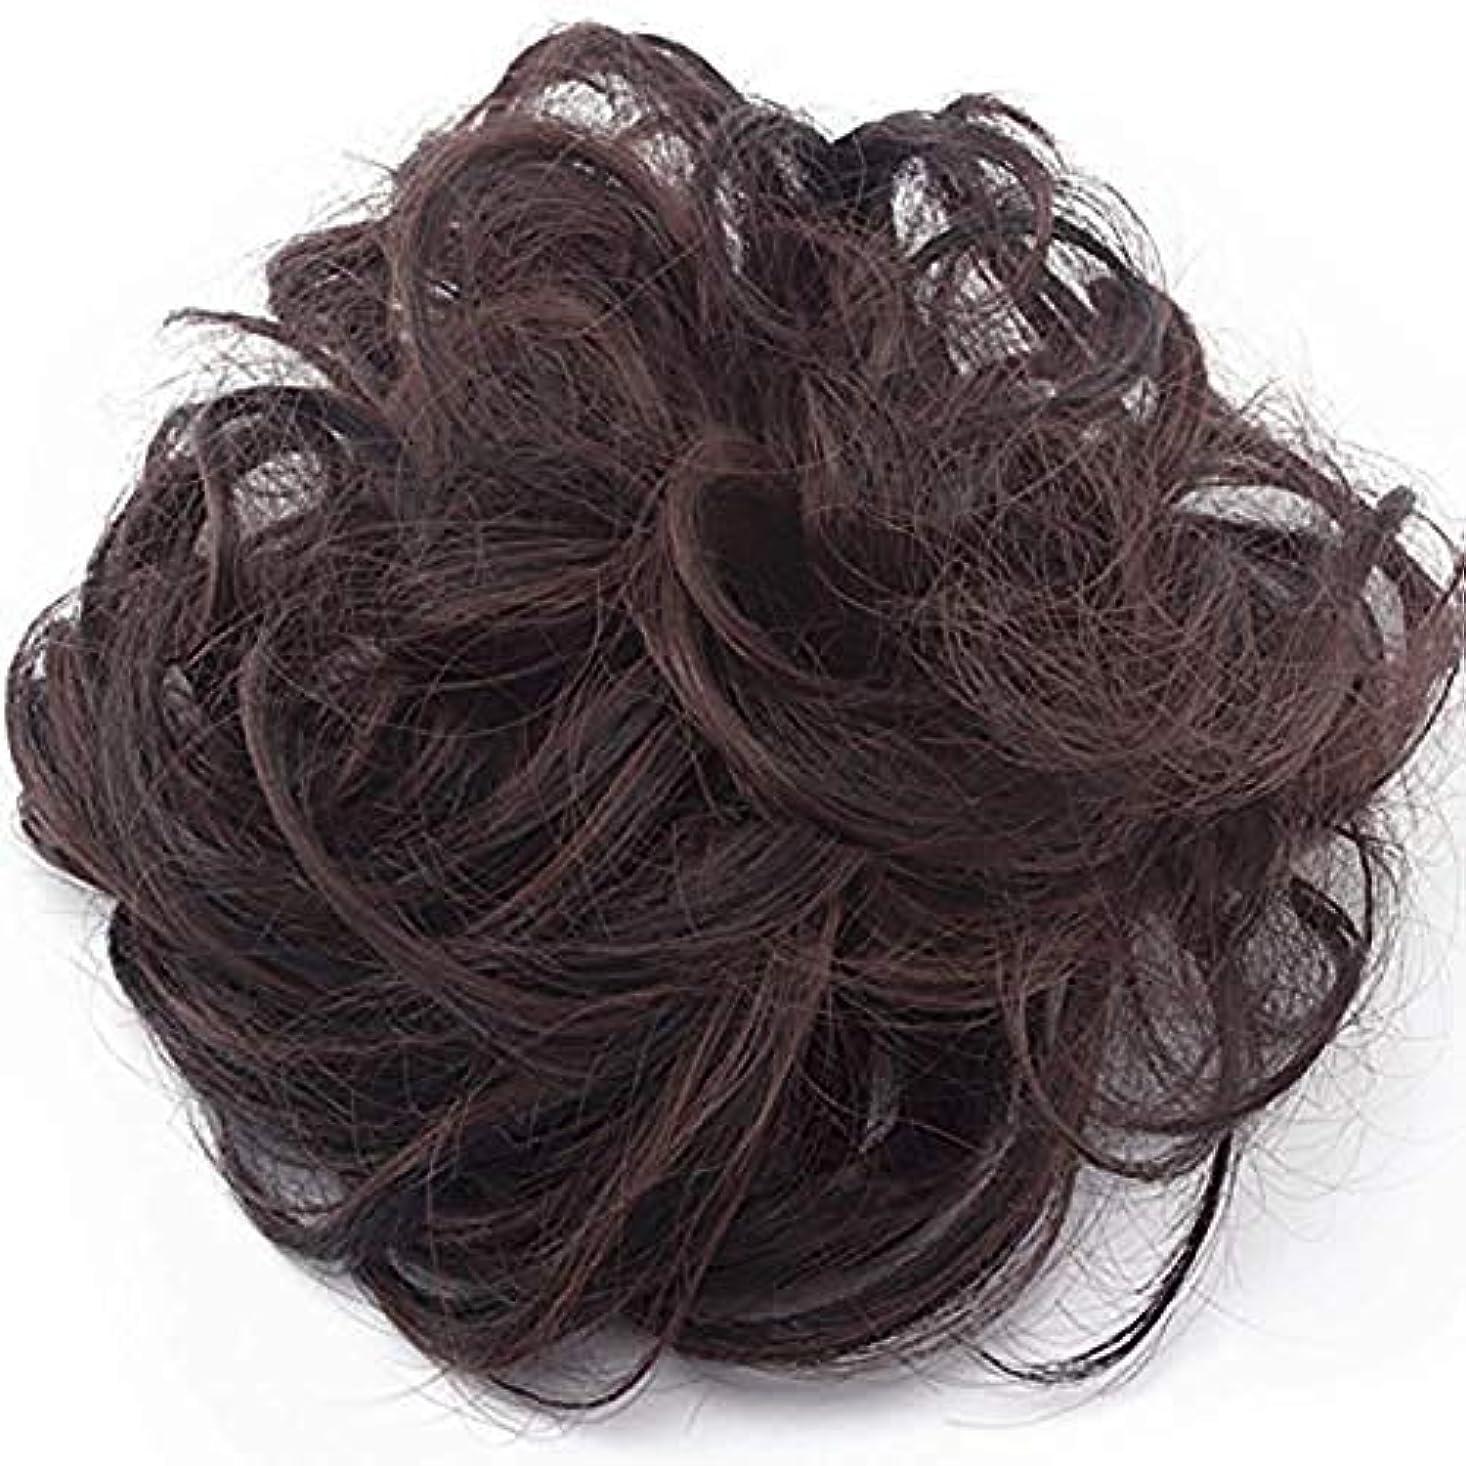 起きろ範囲チョーク汚れた女の子の毛波状毛エクステンションヘアバンド饅頭饅頭は(自然な黒と白のミックス、オーバーン)かつらテープ拡張をポニーテール